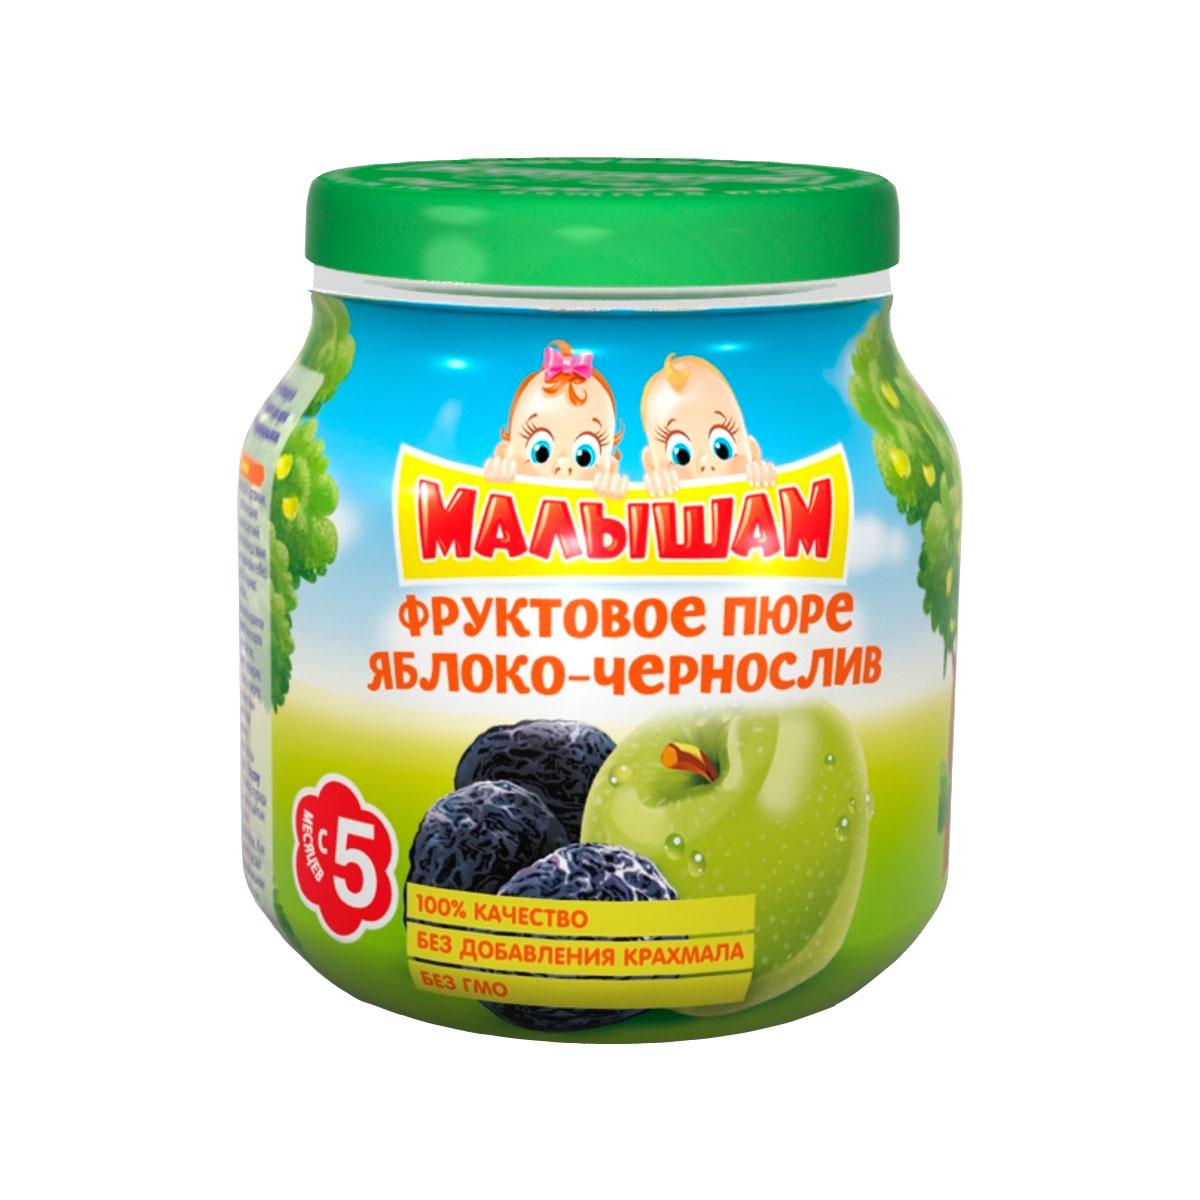 Пюре Малышам фруктовое 100 гр Яблоко чернослив (с 5 мес)<br>